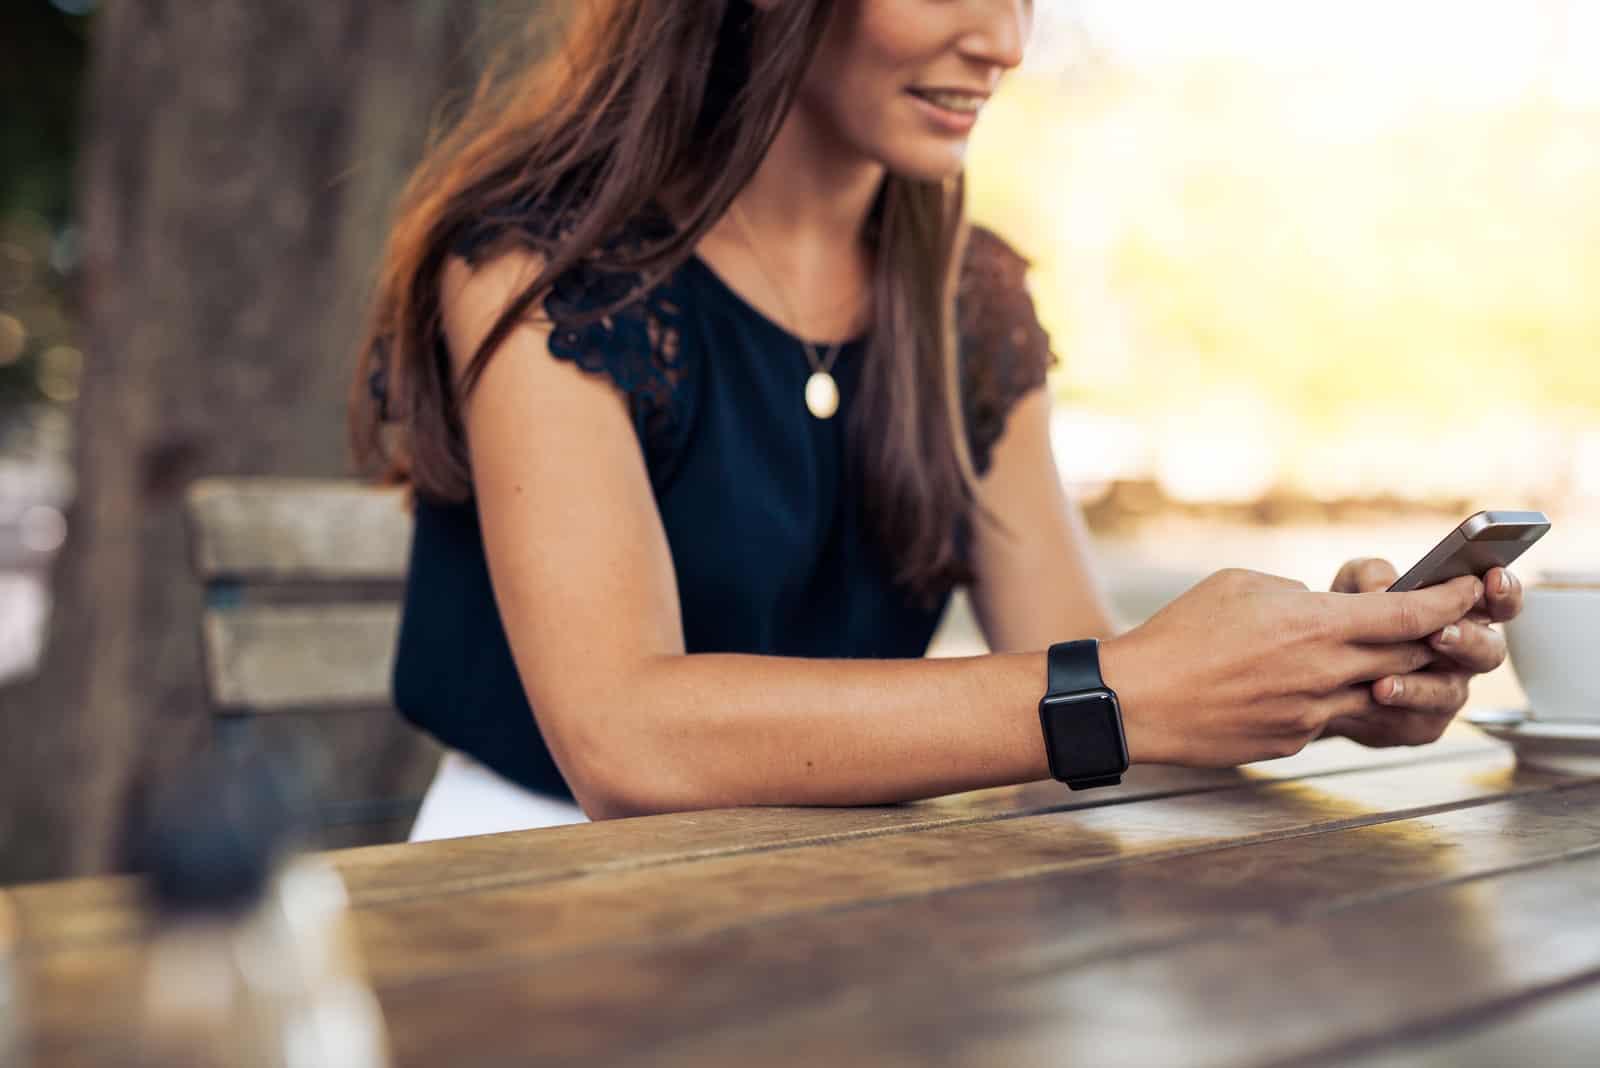 une femme est assise à une table et une clé sur le téléphone